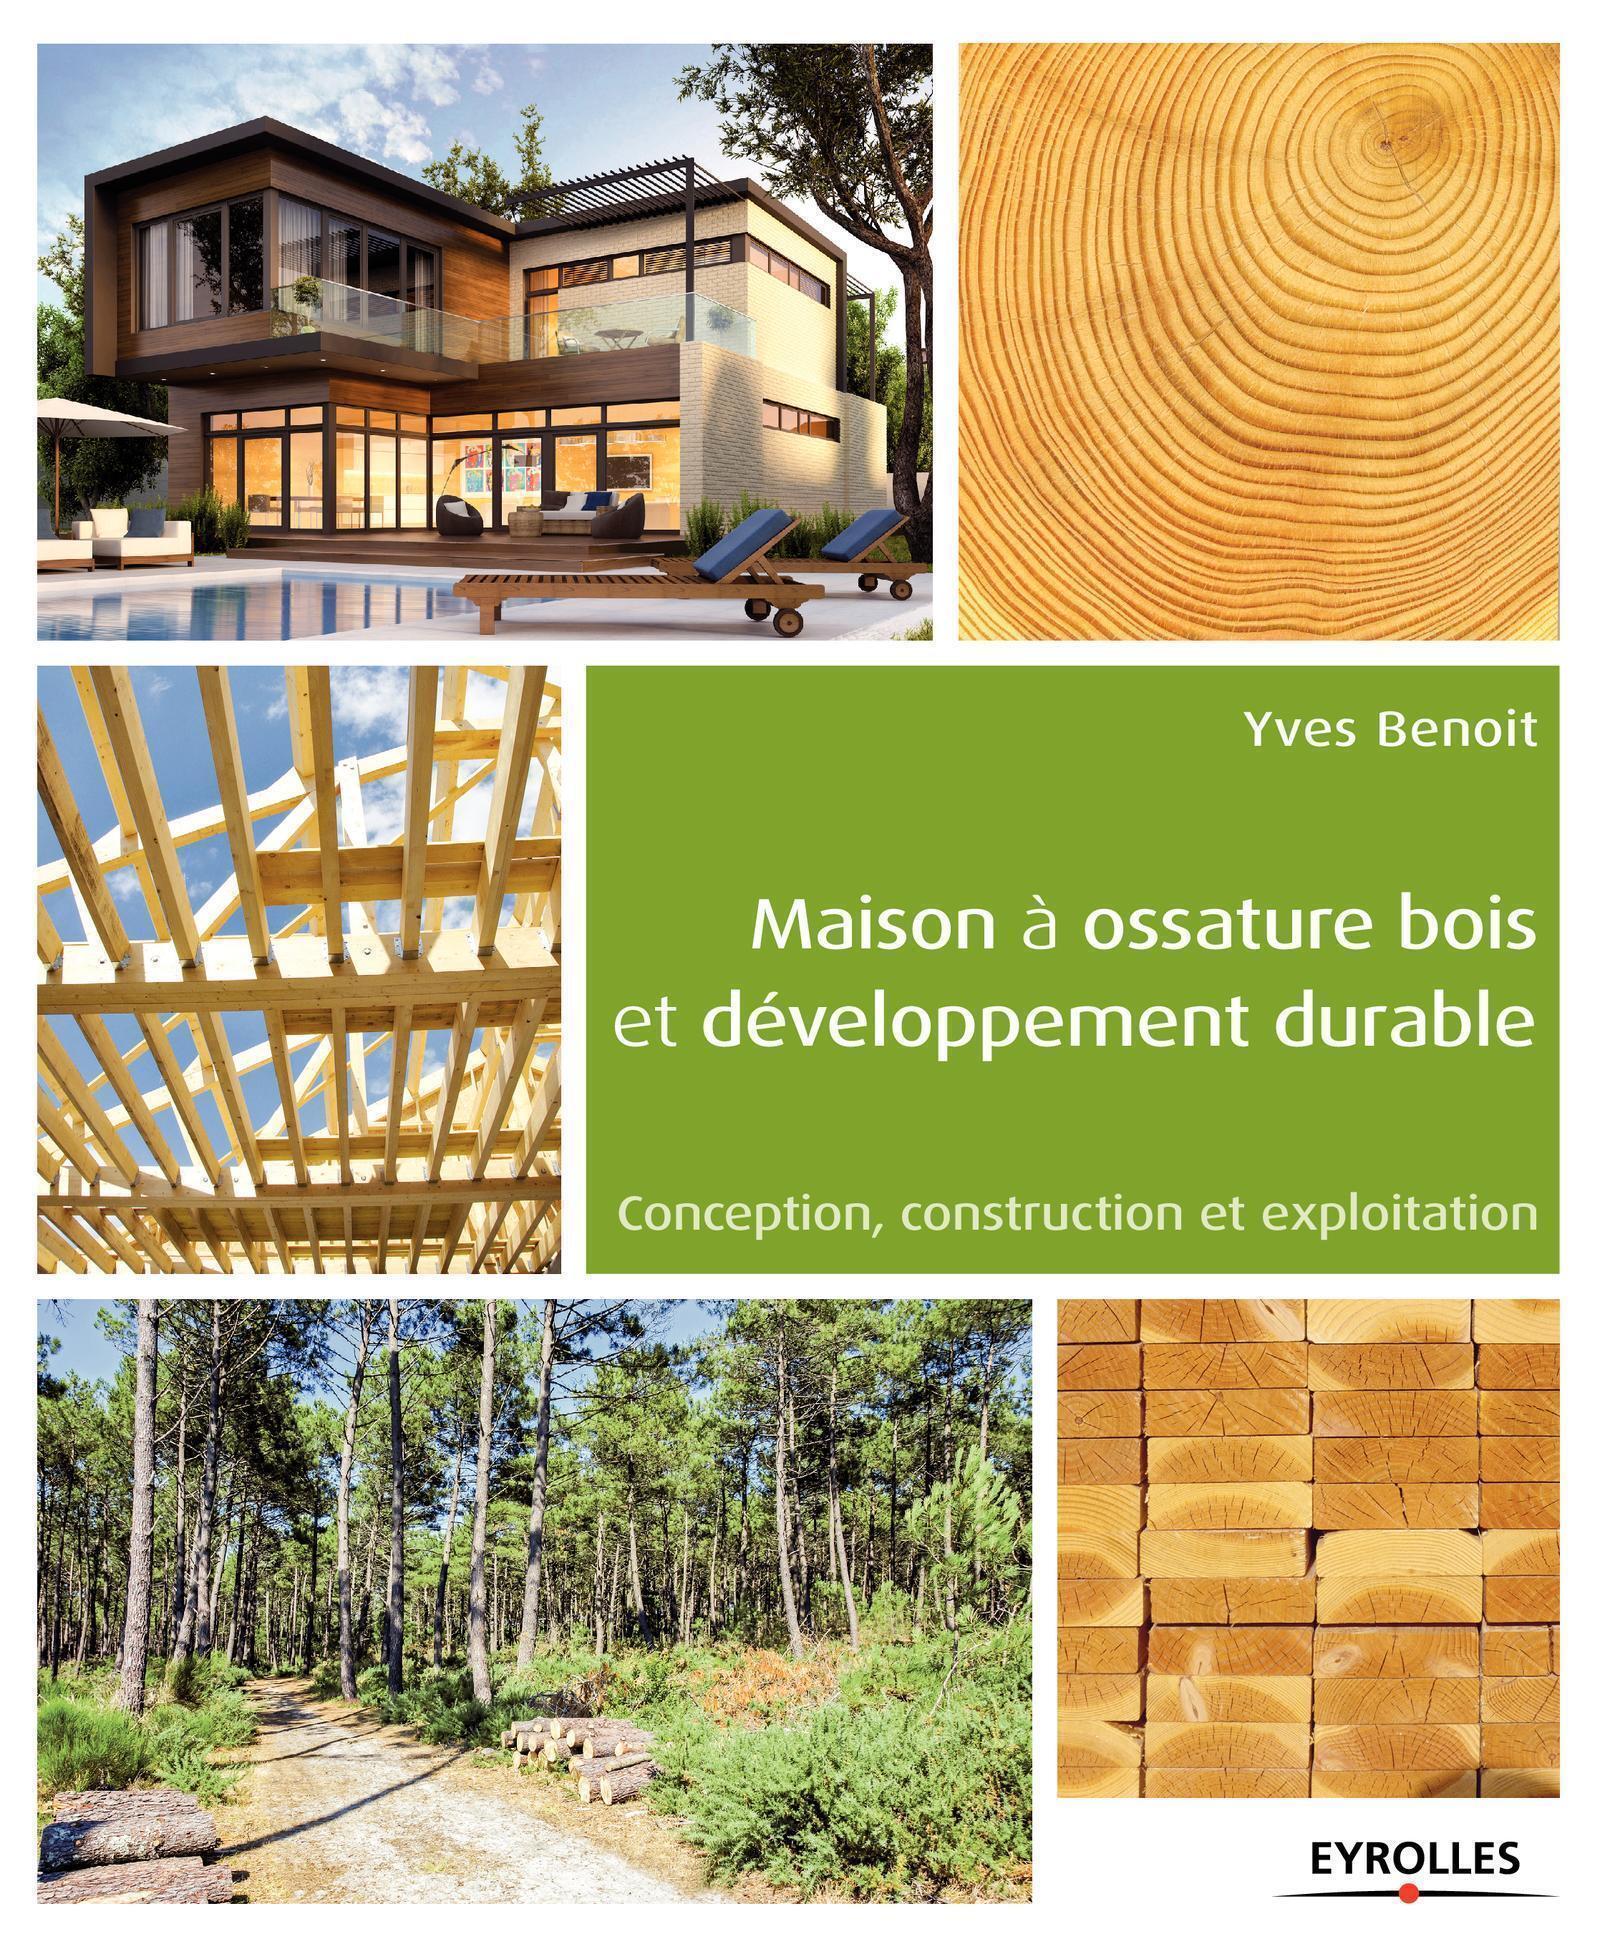 MAISON A OSSATURE BOIS ET DEVELOPPEMENT DURABLE - CONCEPTION, CONSTRUCTION ET EXPLOITATION.